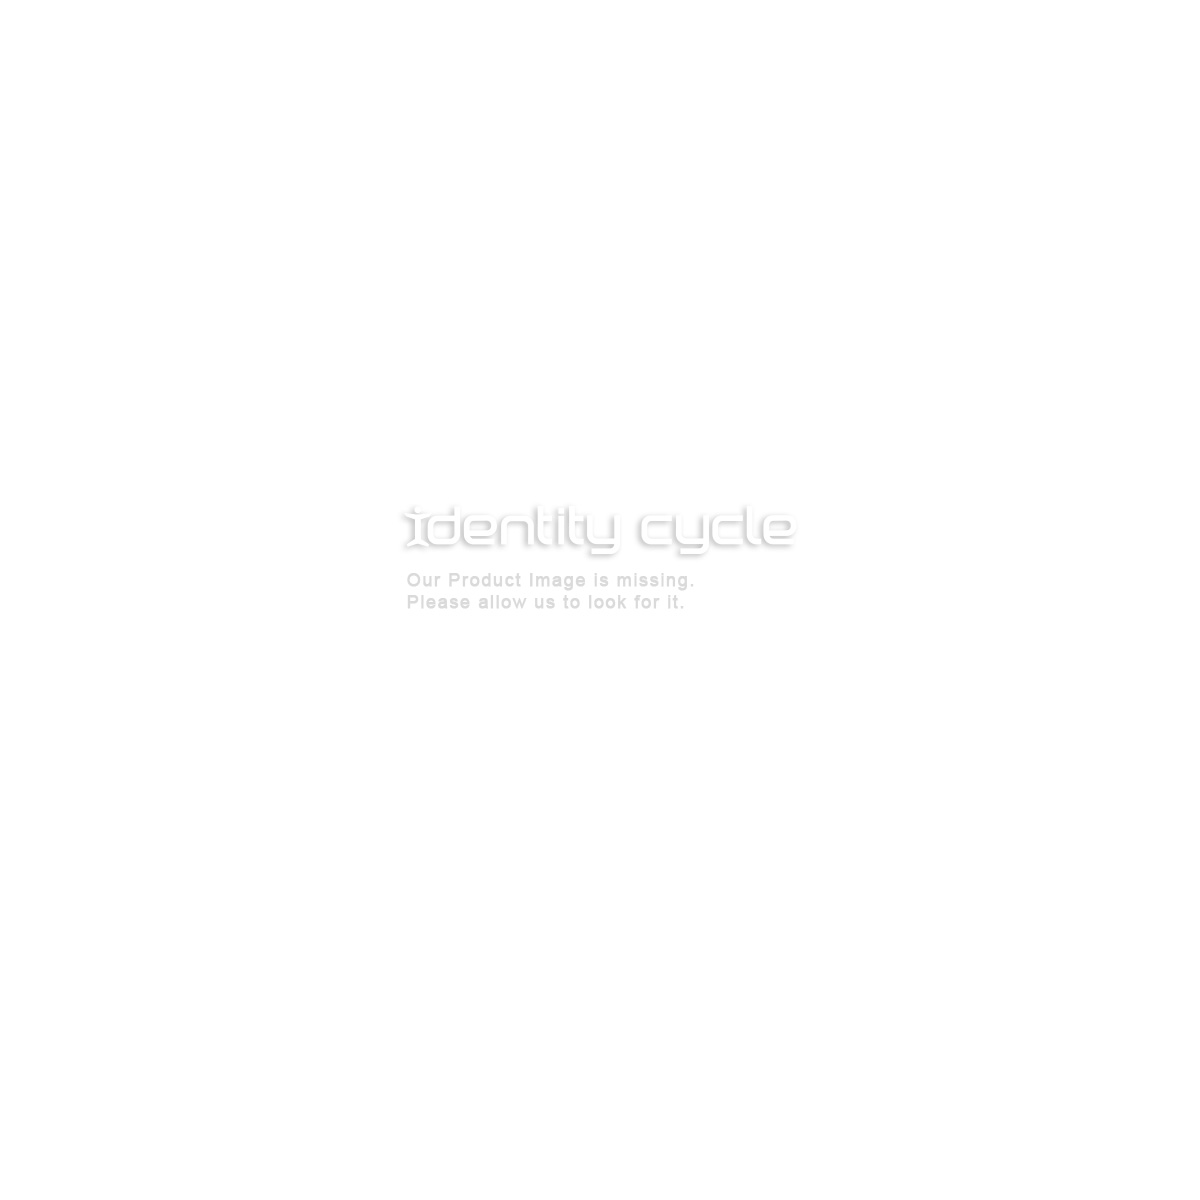 Active Wear Cleanser Single Unit 300 ml- 04.04451.12.1